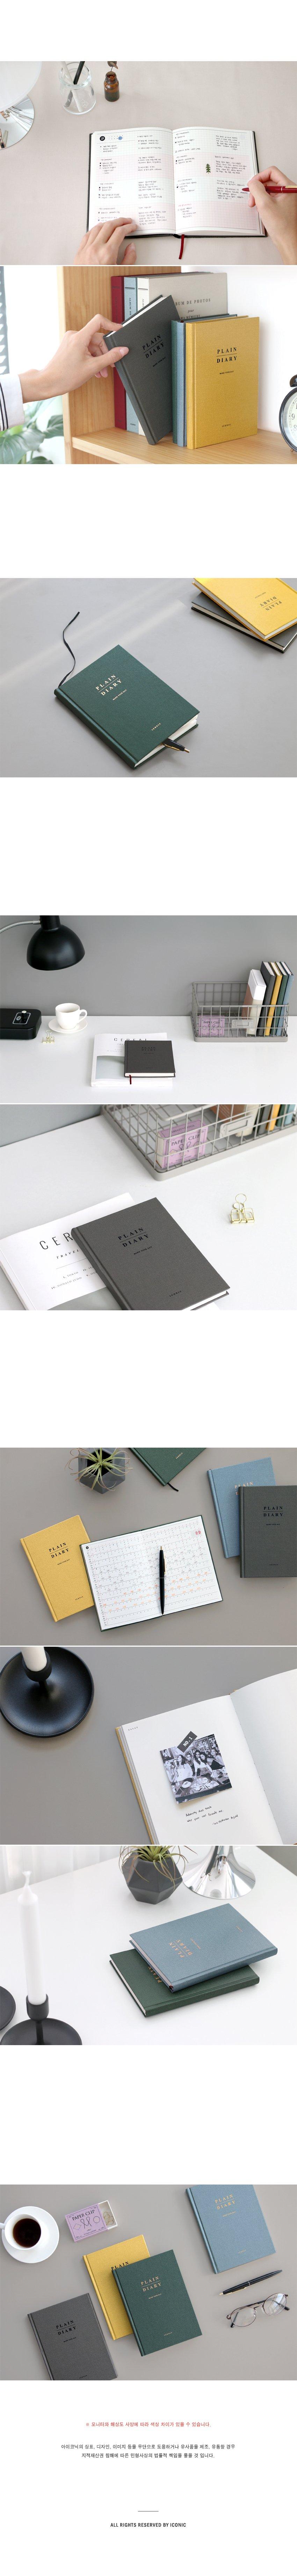 아이코닉 플레인 다이어리 - 아이코닉, 11,000원, 만년형, 심플/베이직